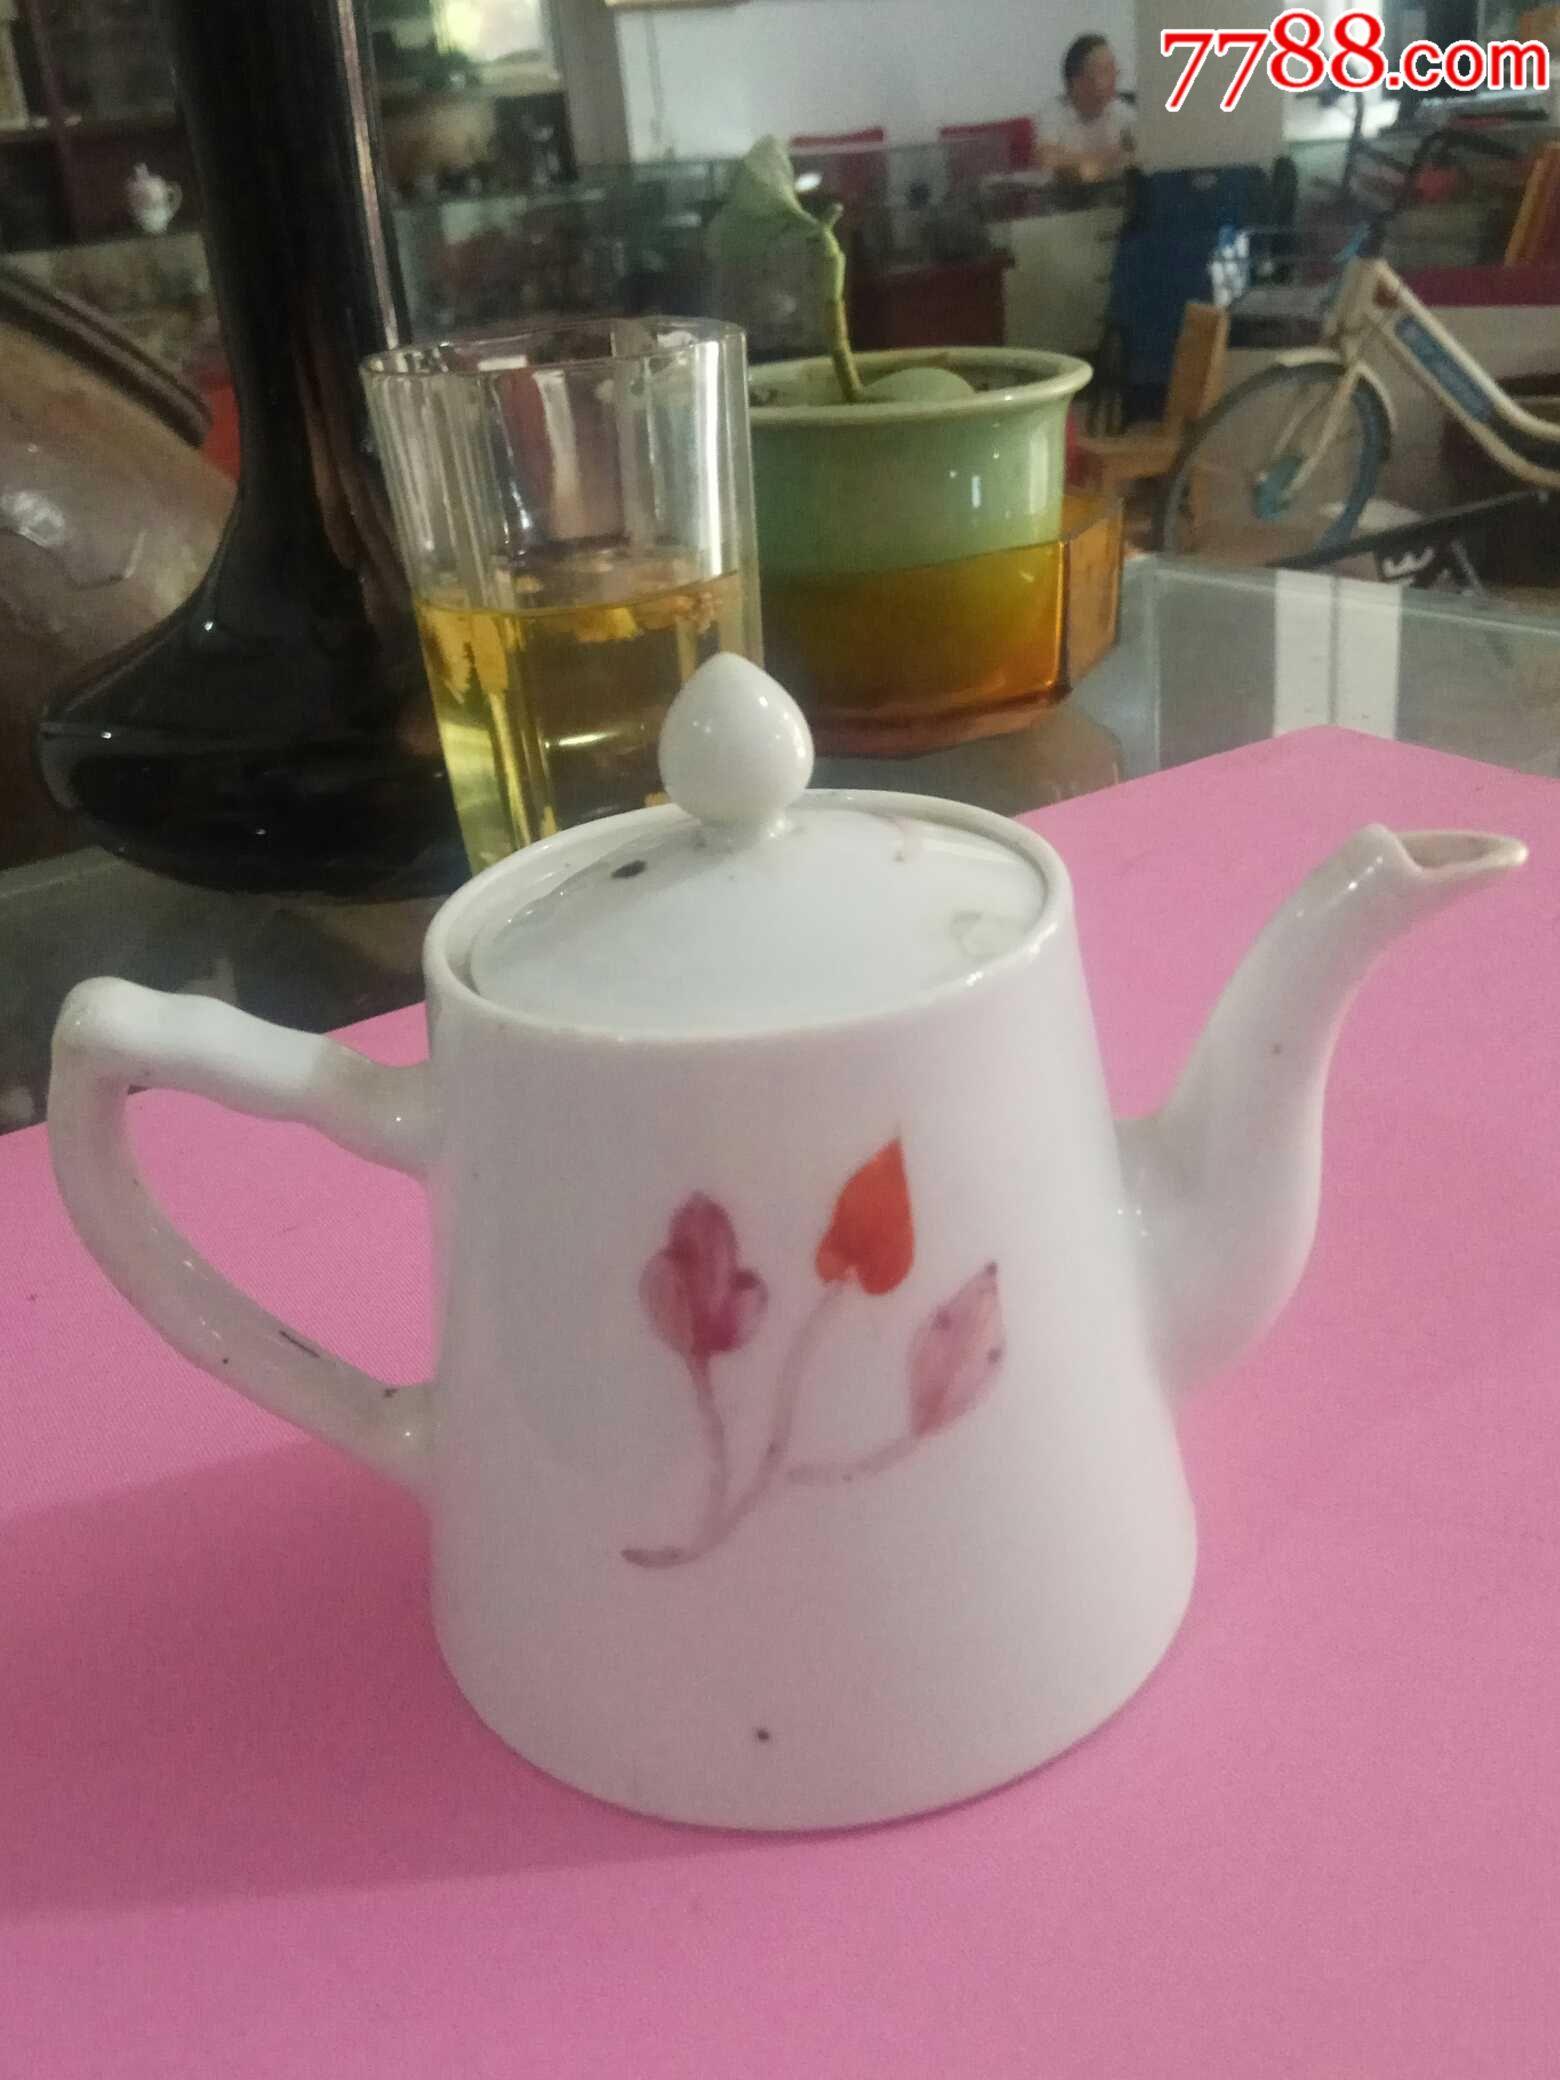 民国花卉茶壶盖有一小磕,壶嘴上有小线,如图,尺寸如图图片